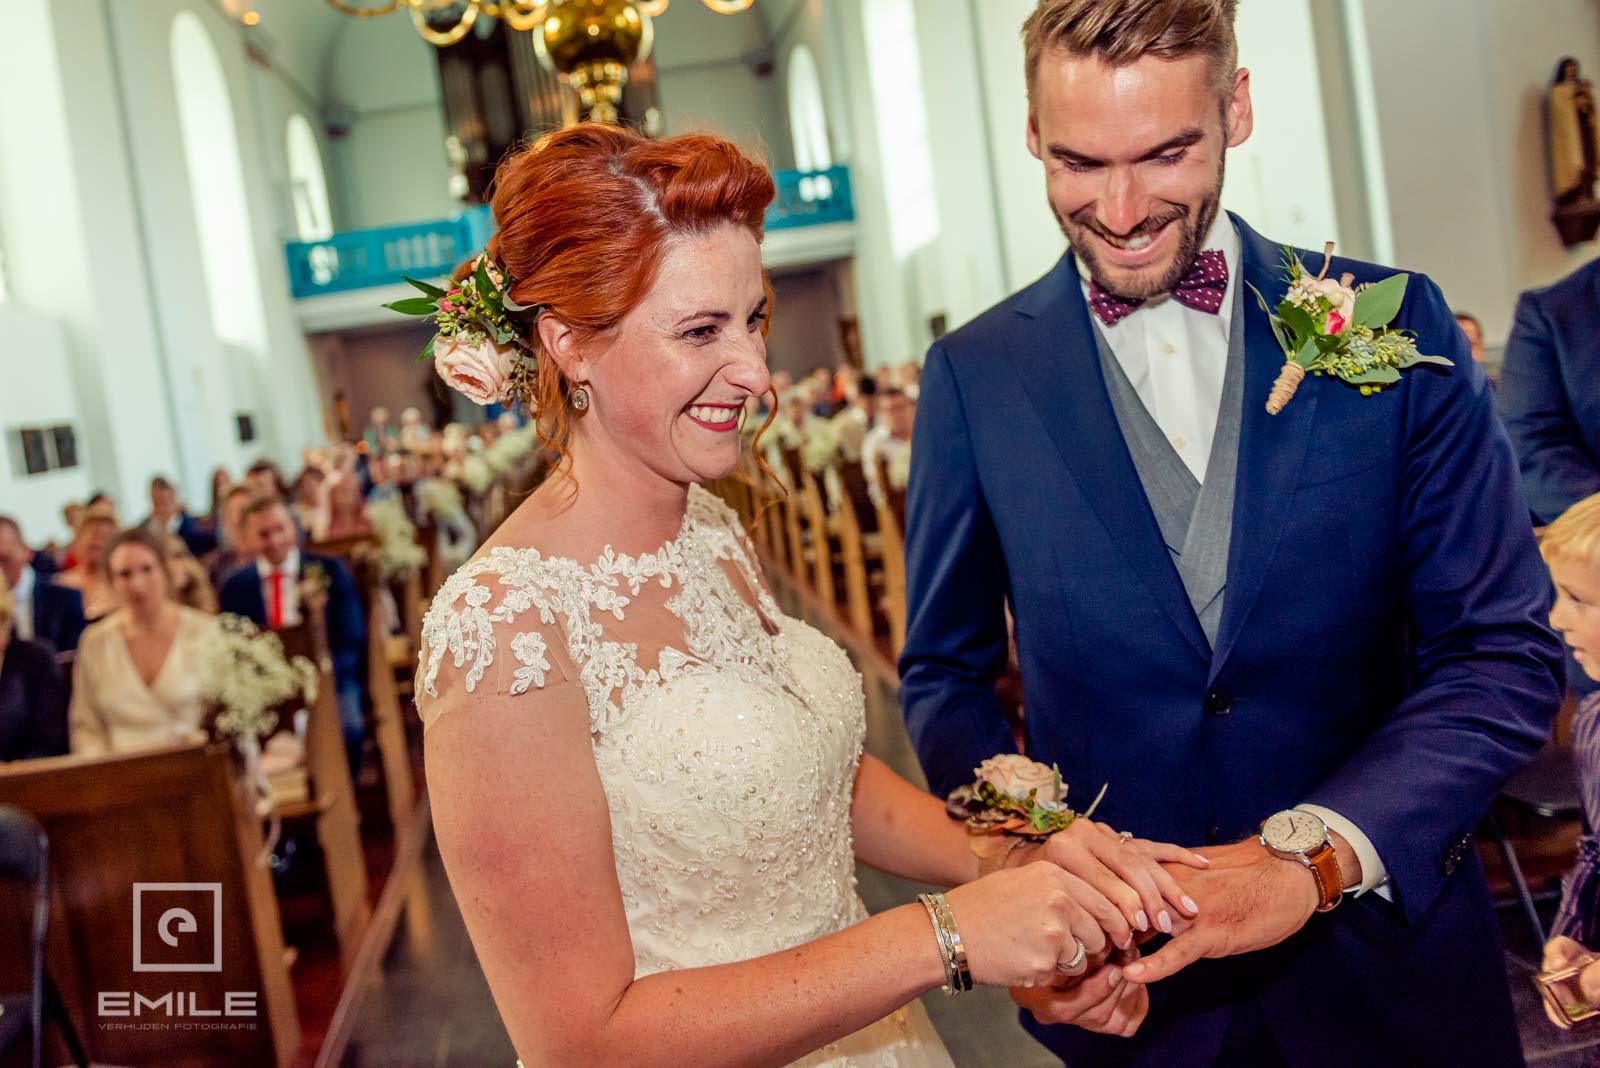 De ringen worden aangeschoven. Bruiloft Wylre-Zuid Limburg